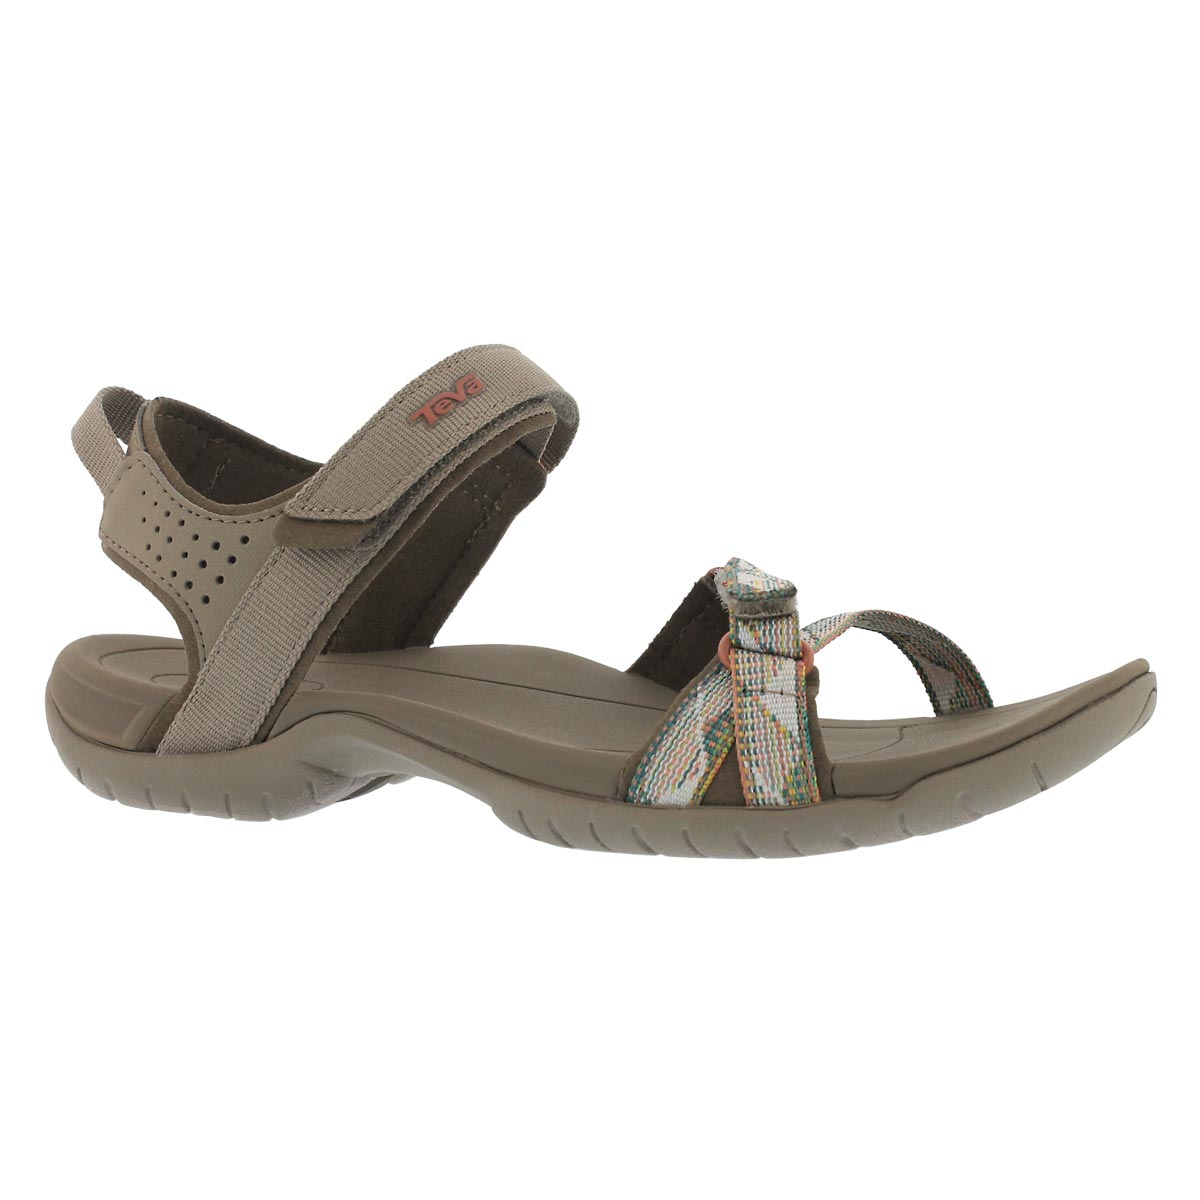 Women's VERRA suri taupe multi sport sandals